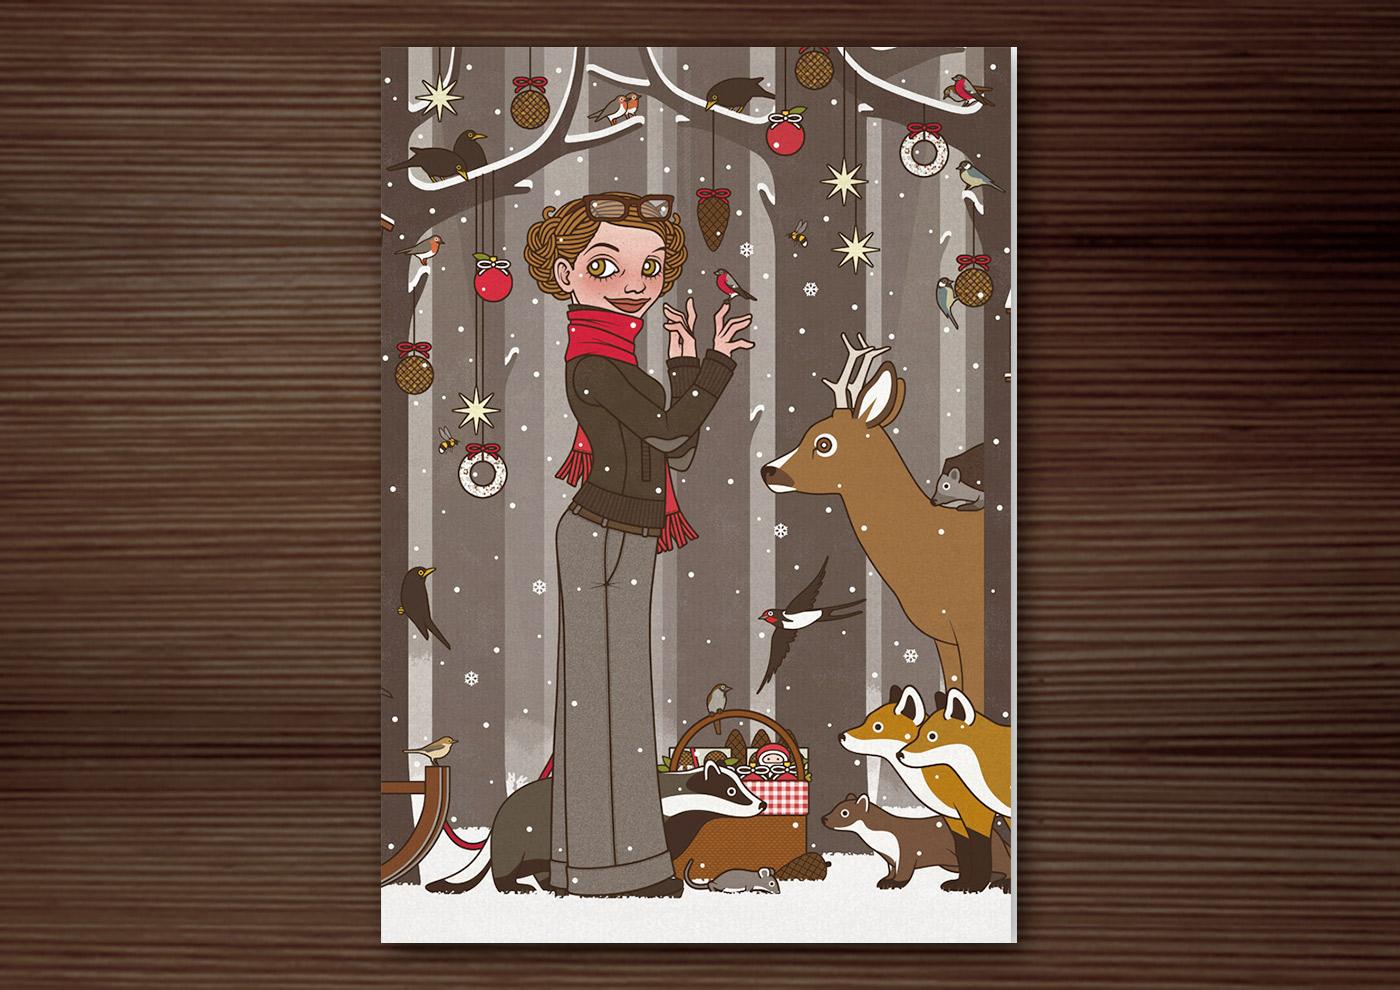 Weihnachtskarte mit Zeichnung von einem Mädchen, das im Winter und zur Feier des Advent mitten im winterlich verschneiten Wald Tieren wie Eichhörnchen, Füchsen, Rehen, Singvögeln und Amseln vorliest und den Wald außerdem mit Meisenknödeln, Meisenringen und Vogelfutter schmückt, für Lily Lux von Iris Luckhaus